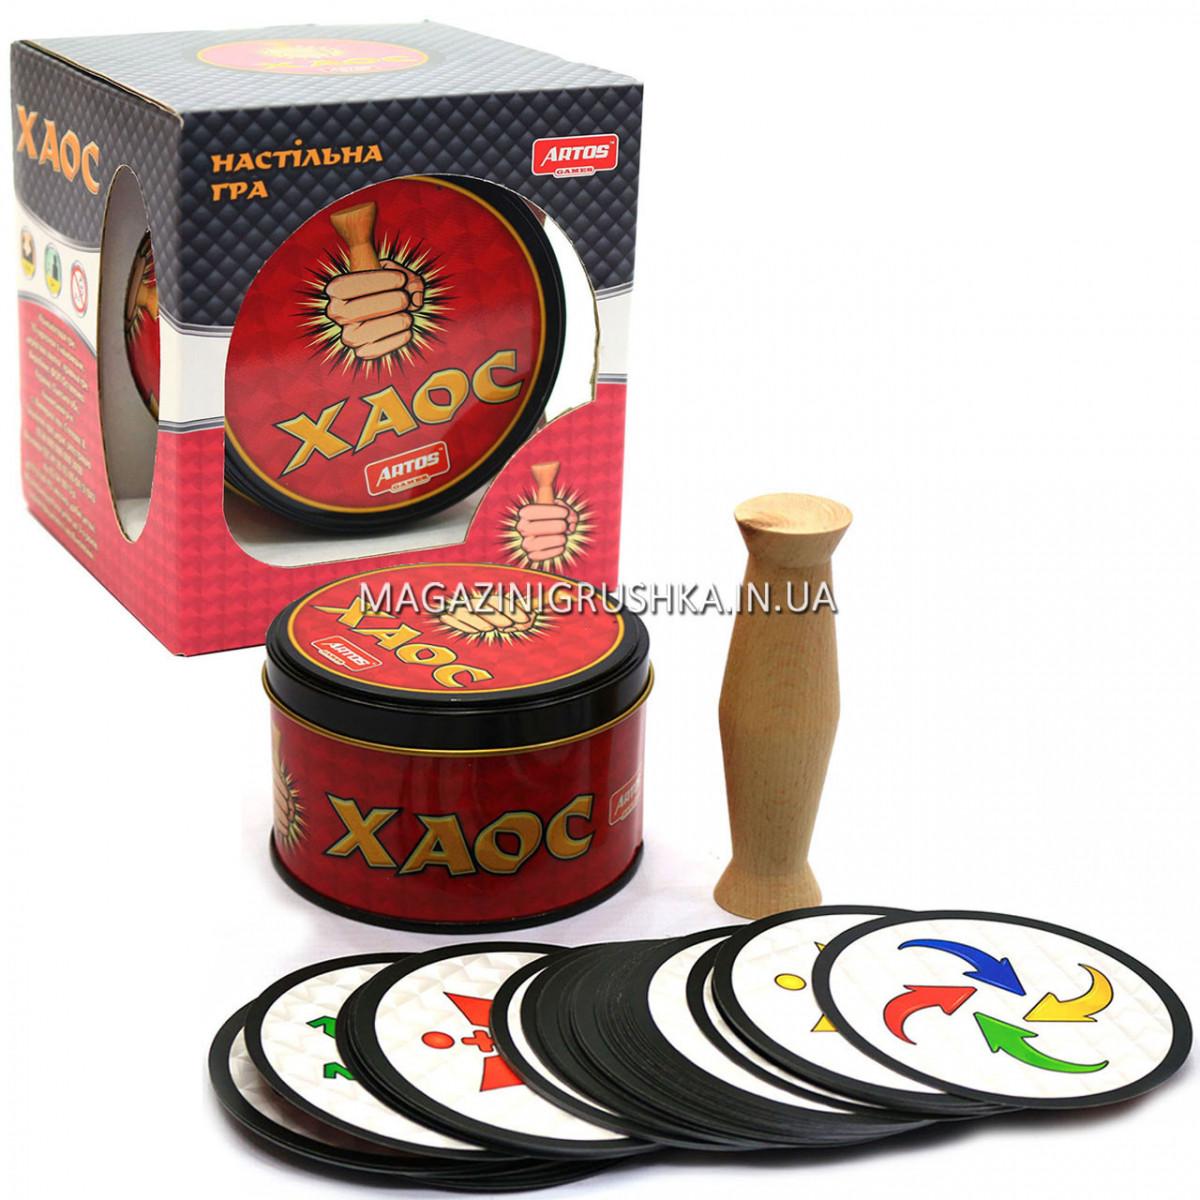 Настольная развивающая игра Artos Хаос (70 карточек, хватка), 1052